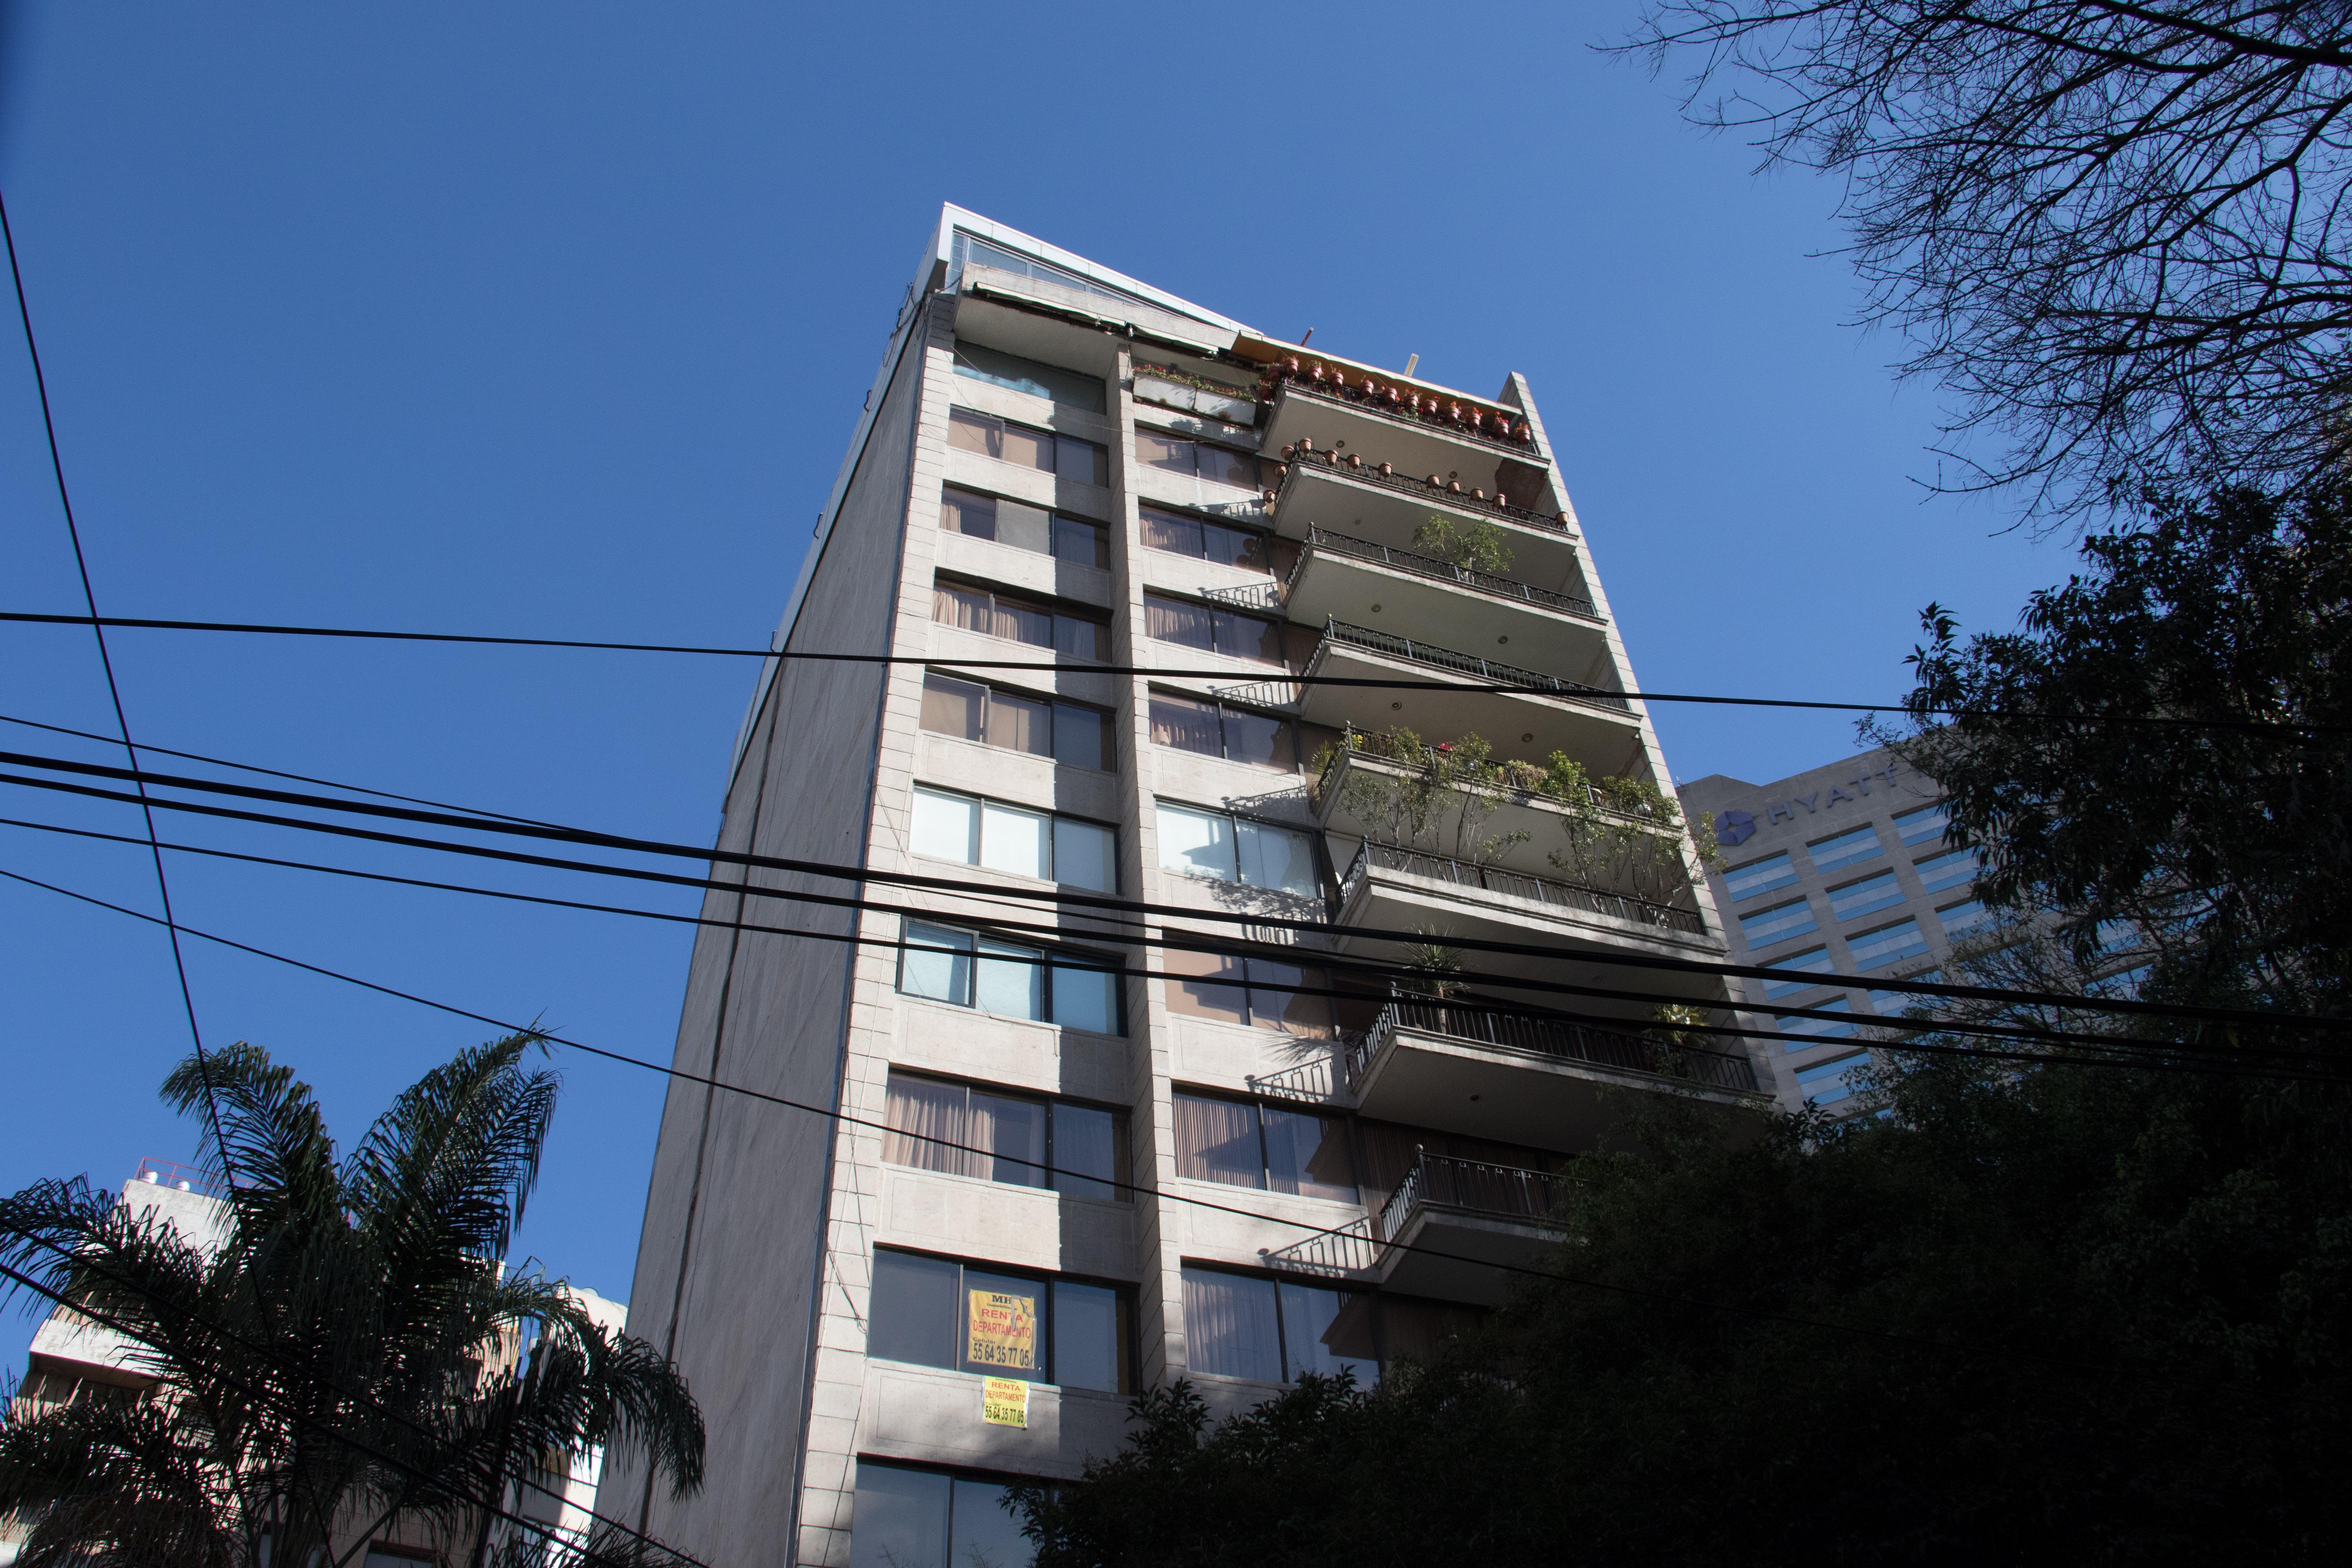 Departamento de Elba Esther Gordillo en la calle de Galileo en la Colonia Polanco, Ciudad de